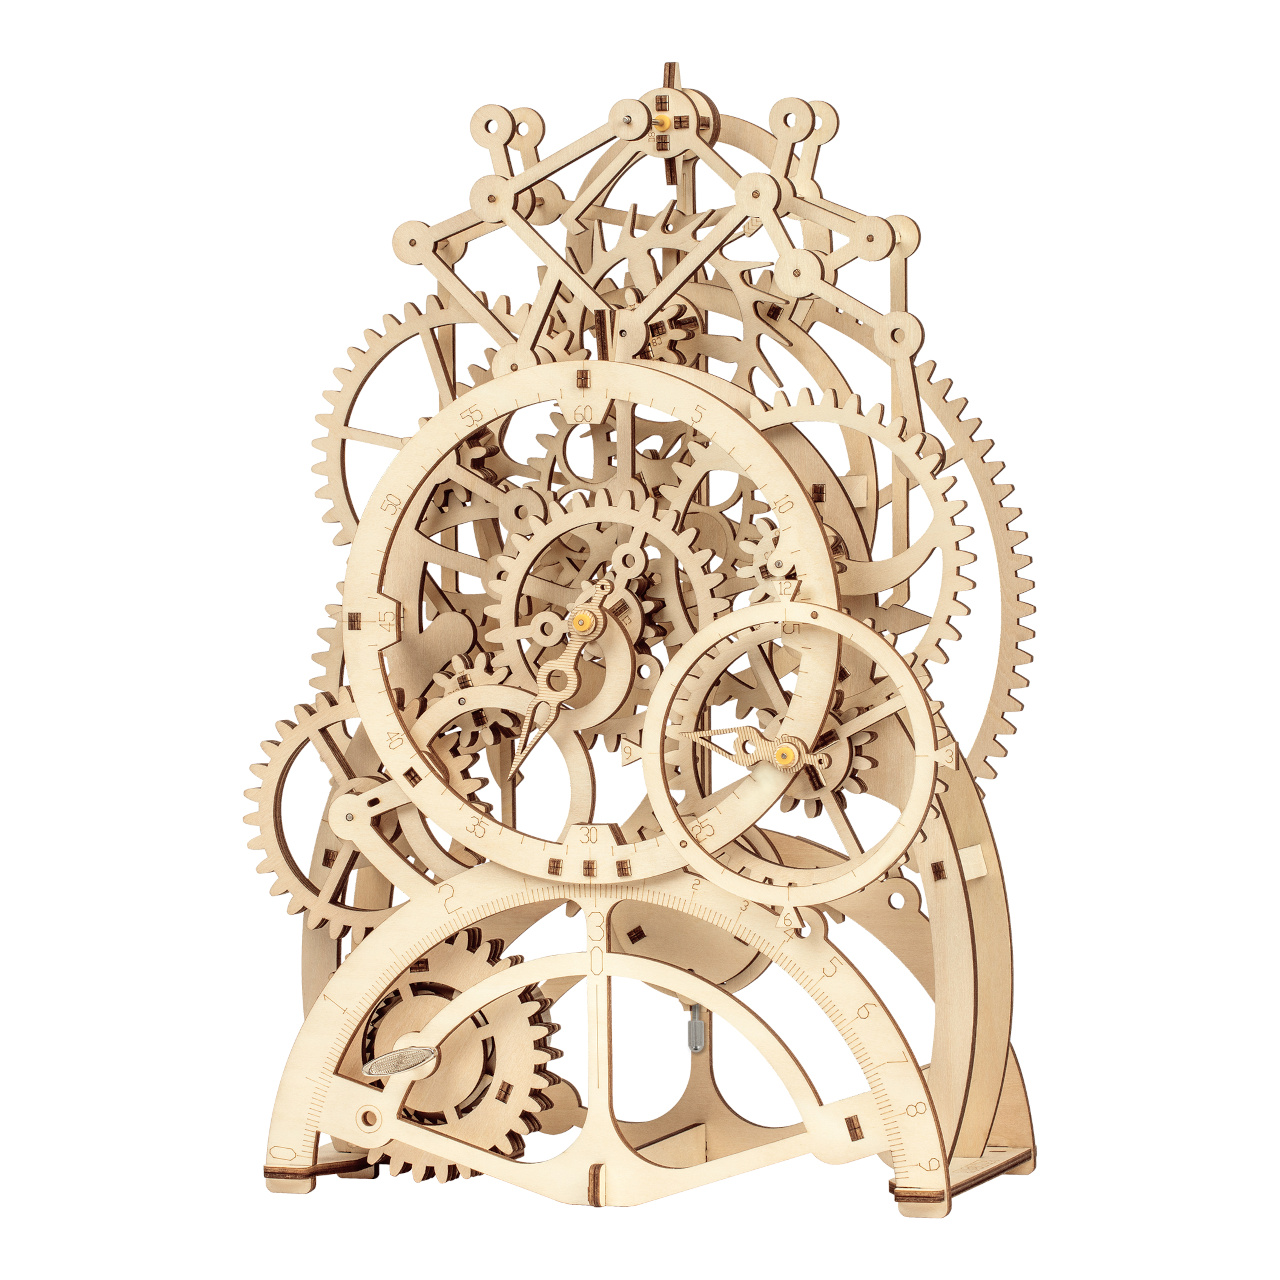 RoboTime 3D dřevěné mechanické puzzle Hodinový strojek